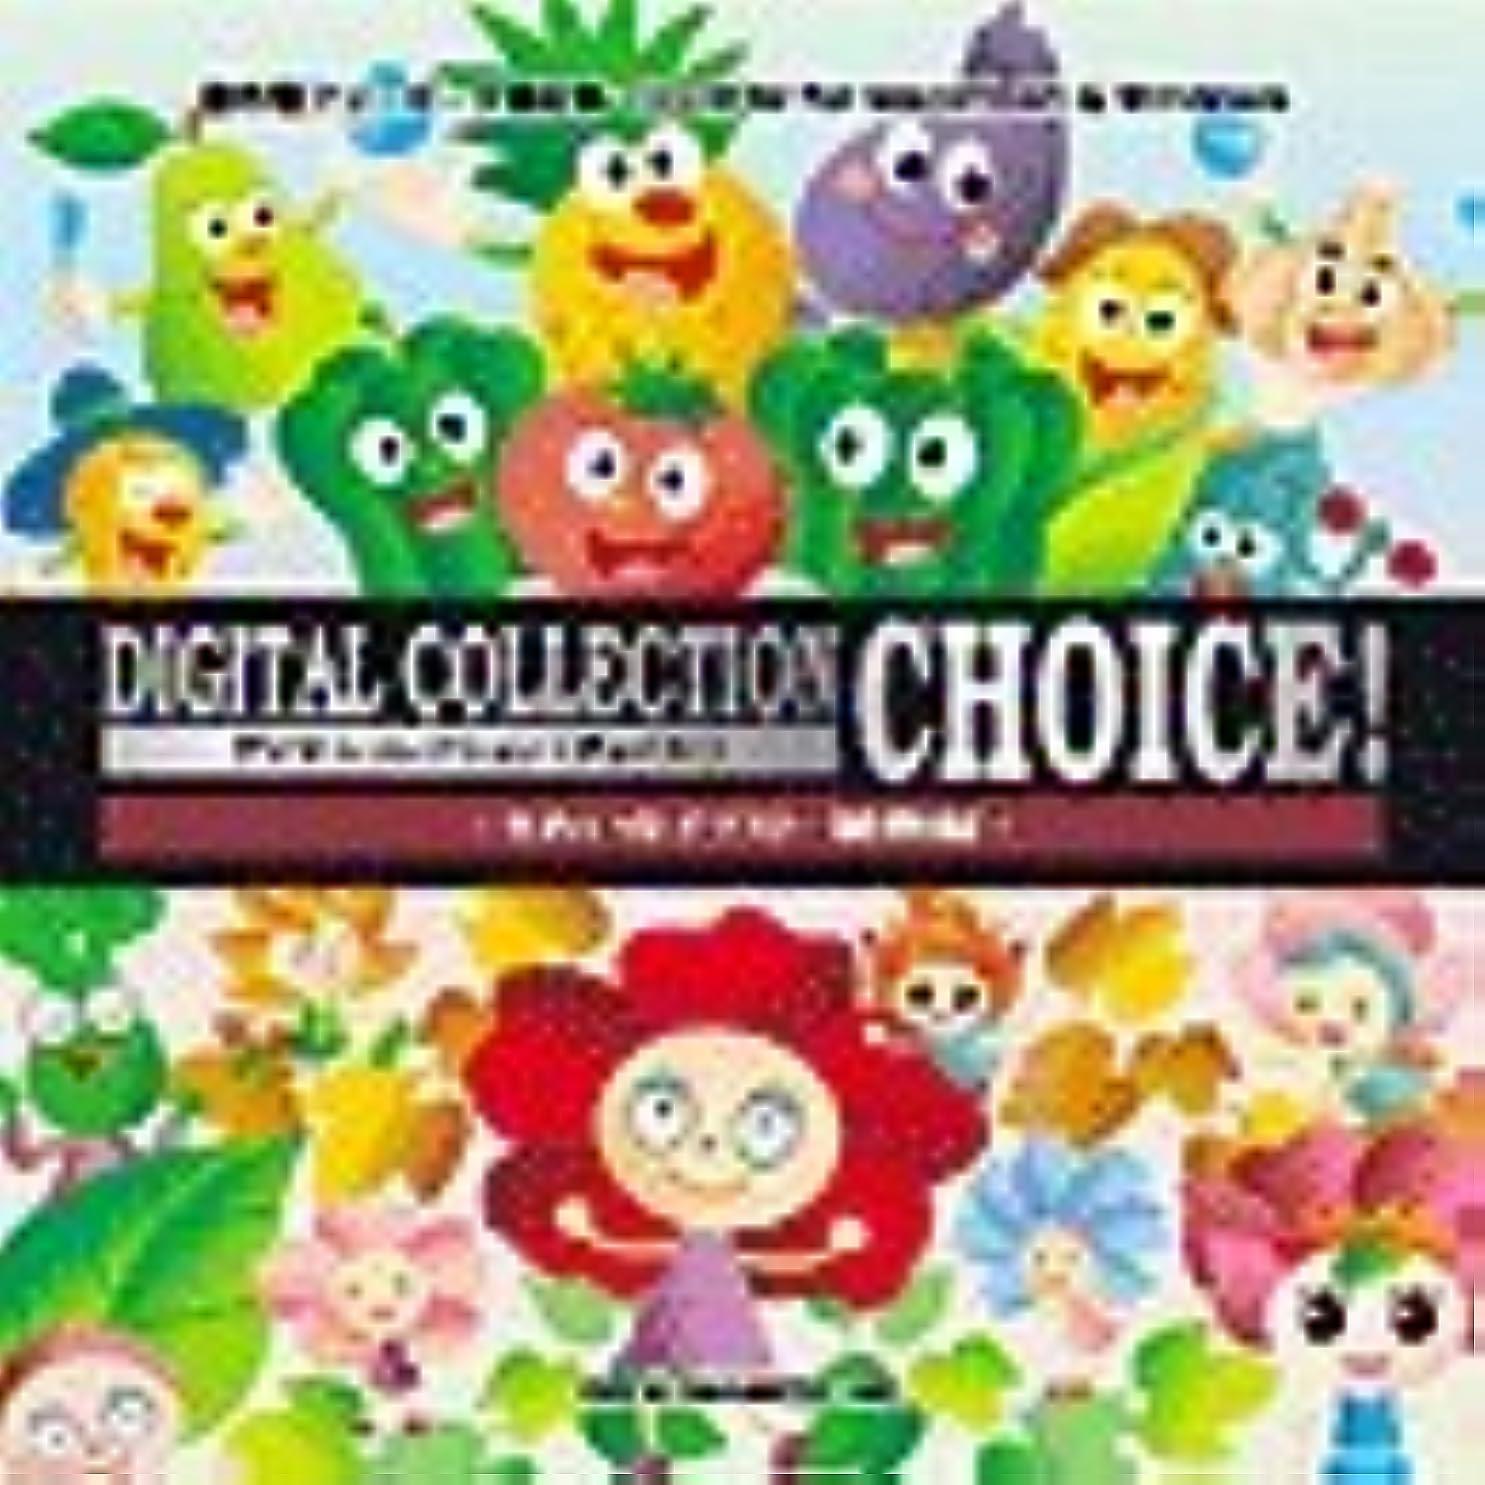 無法者削減ベーコンDigital Collection Choice! きれいなイラスト?植物編